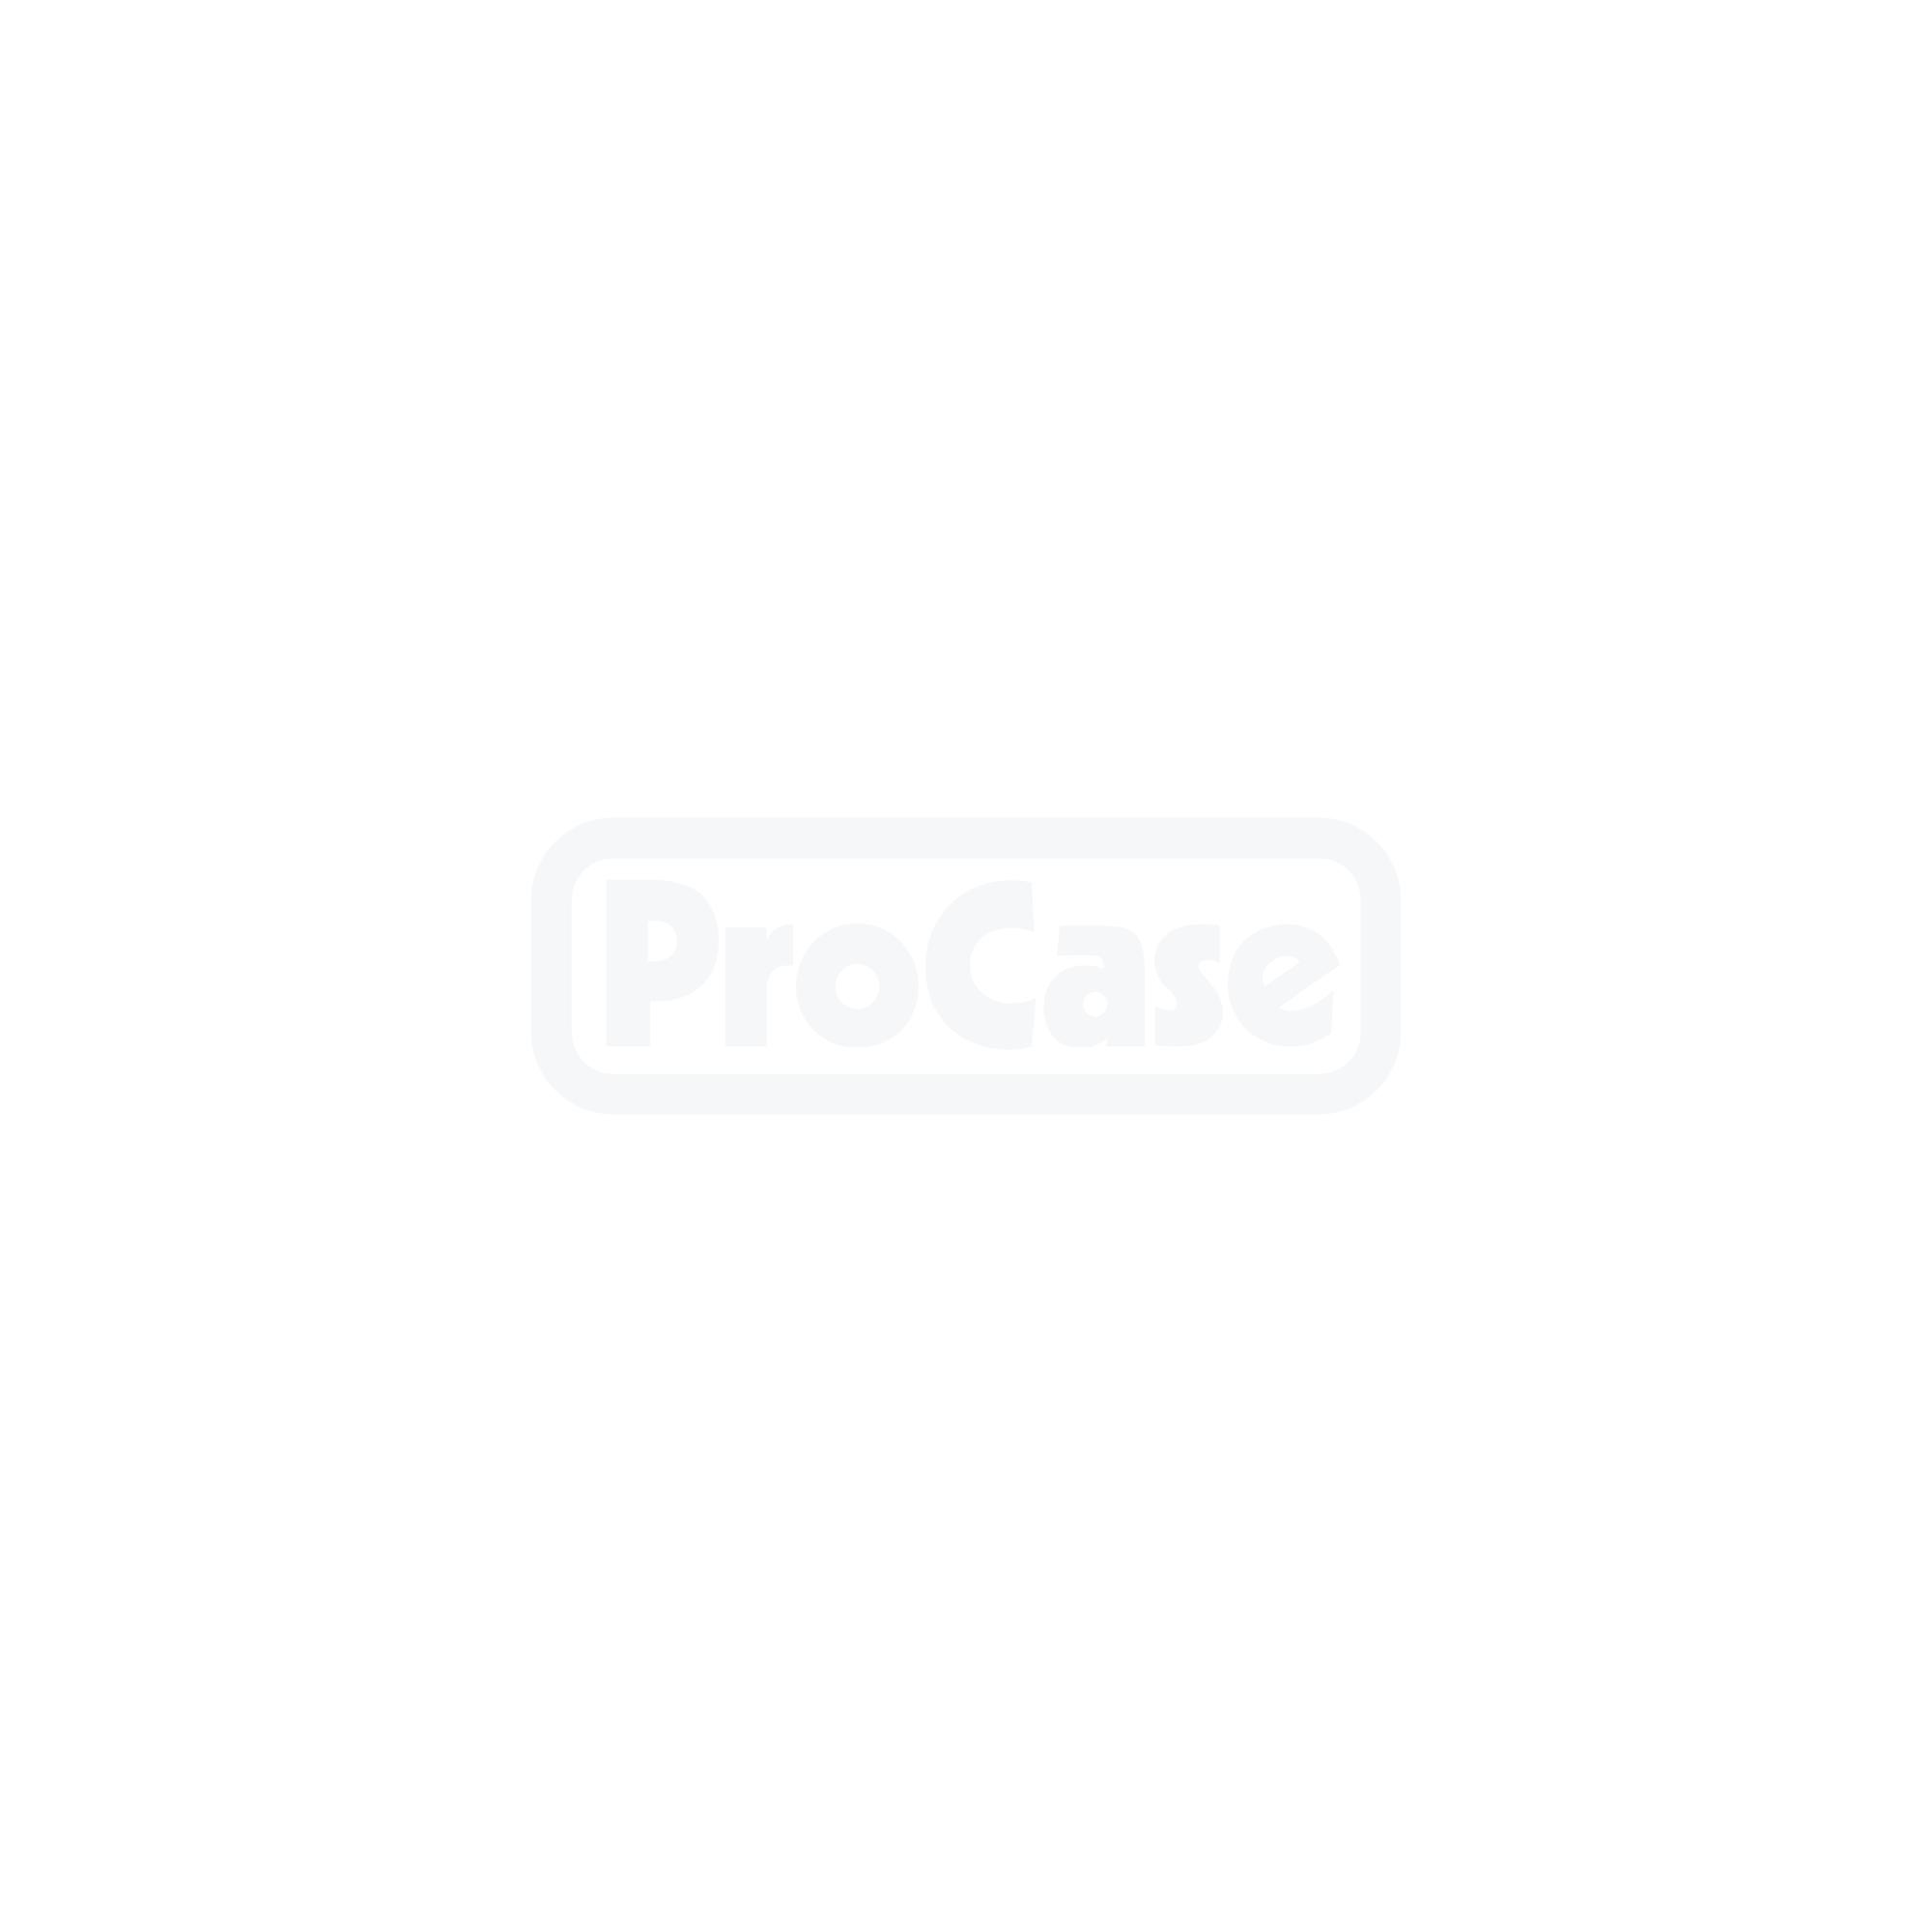 QSD Stack-Rack 3HE 800 tief 2